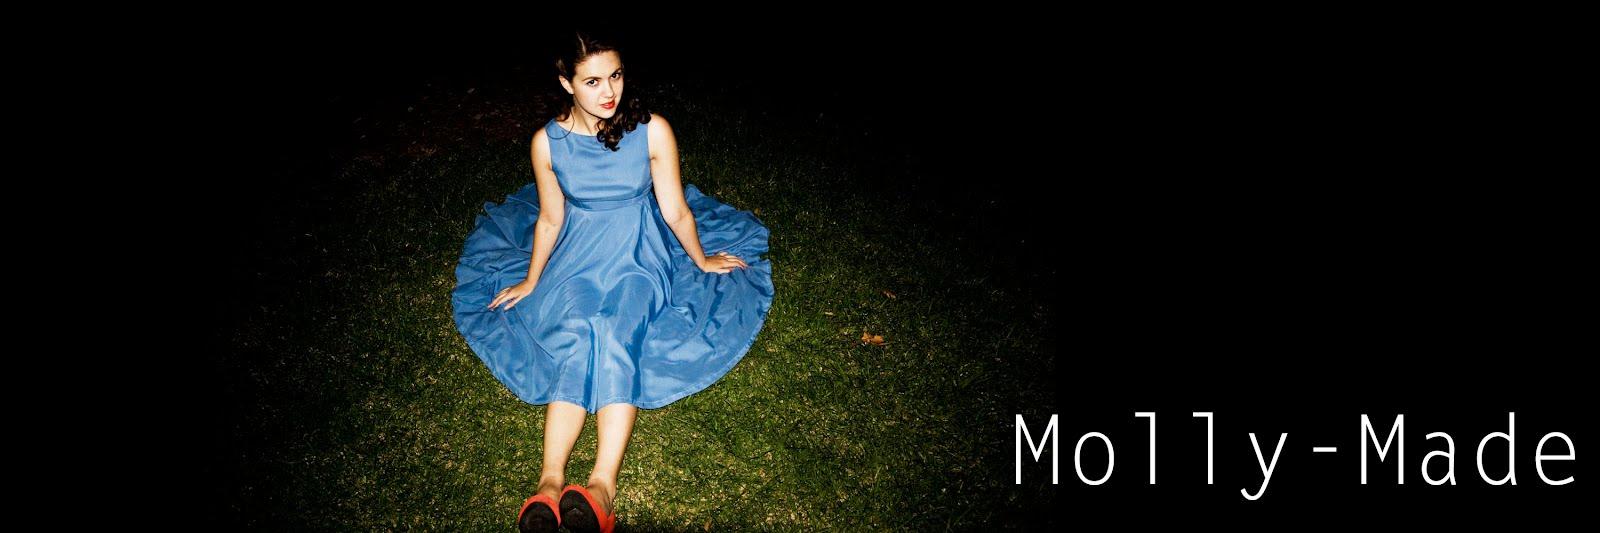 Molly-Made